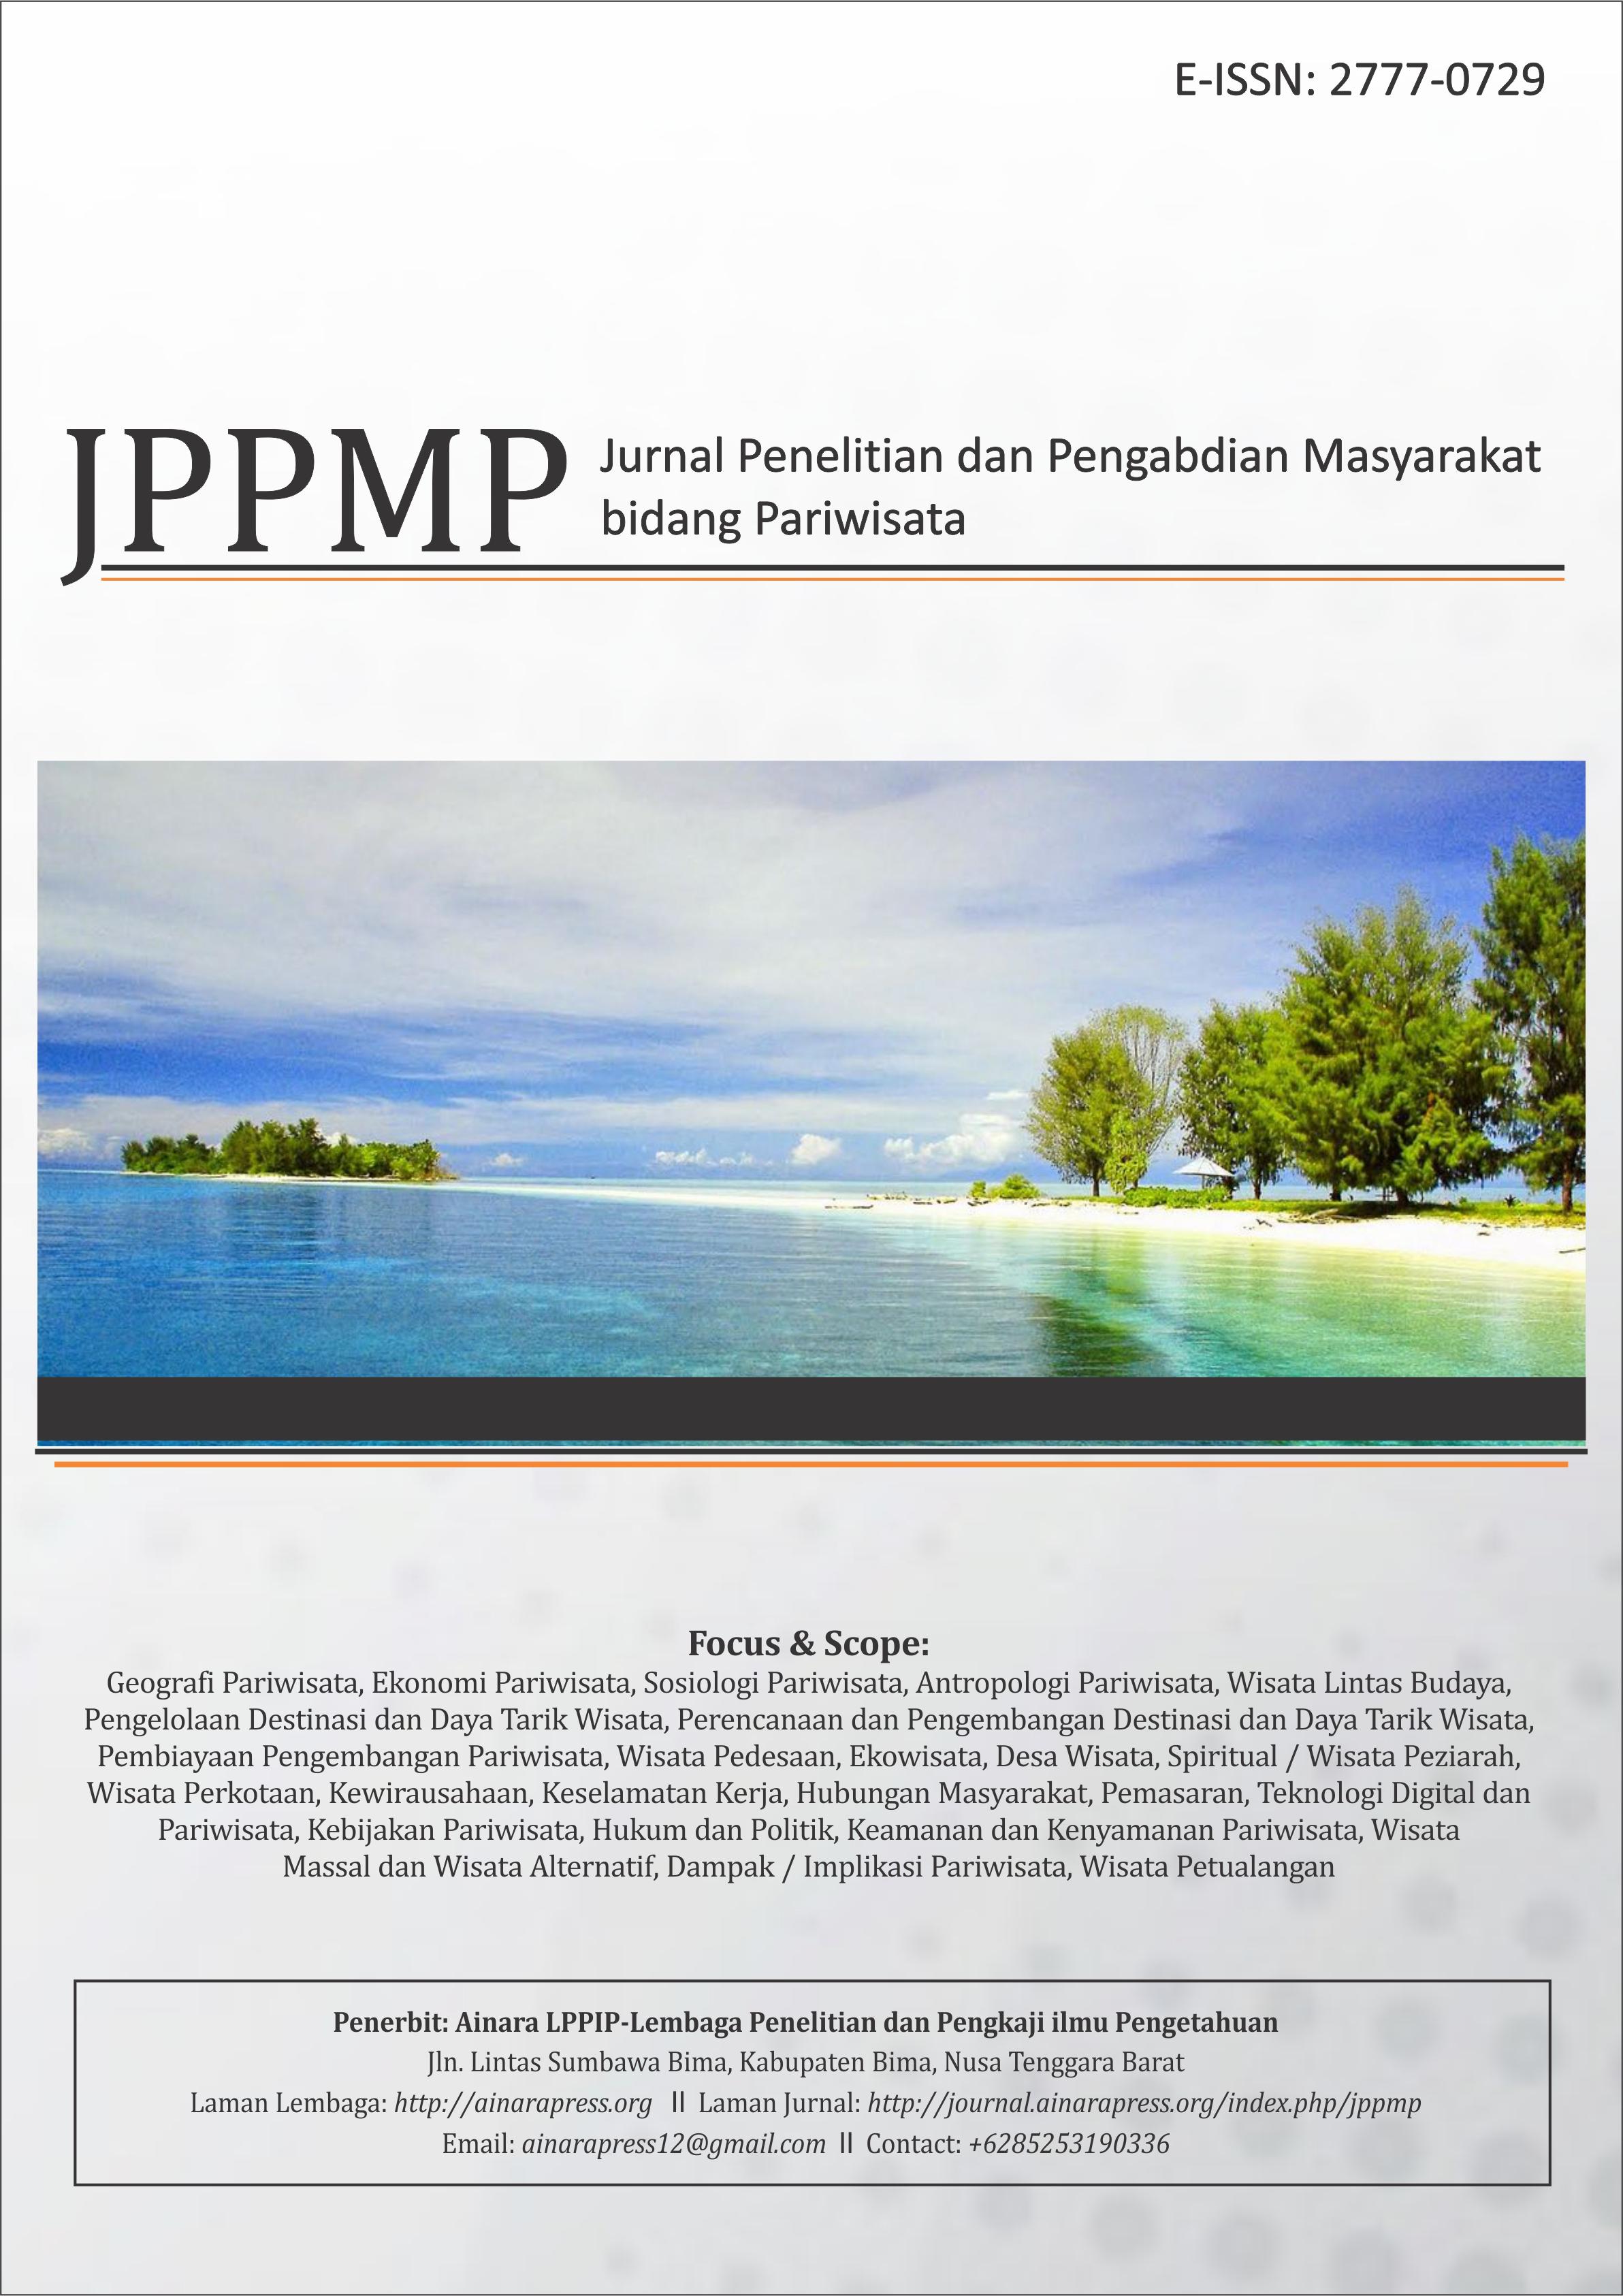 View Vol. 1 No. 2 (2021): Jurnal Penelitian dan Pengabdian Masyarakat Bidang Pariwisata